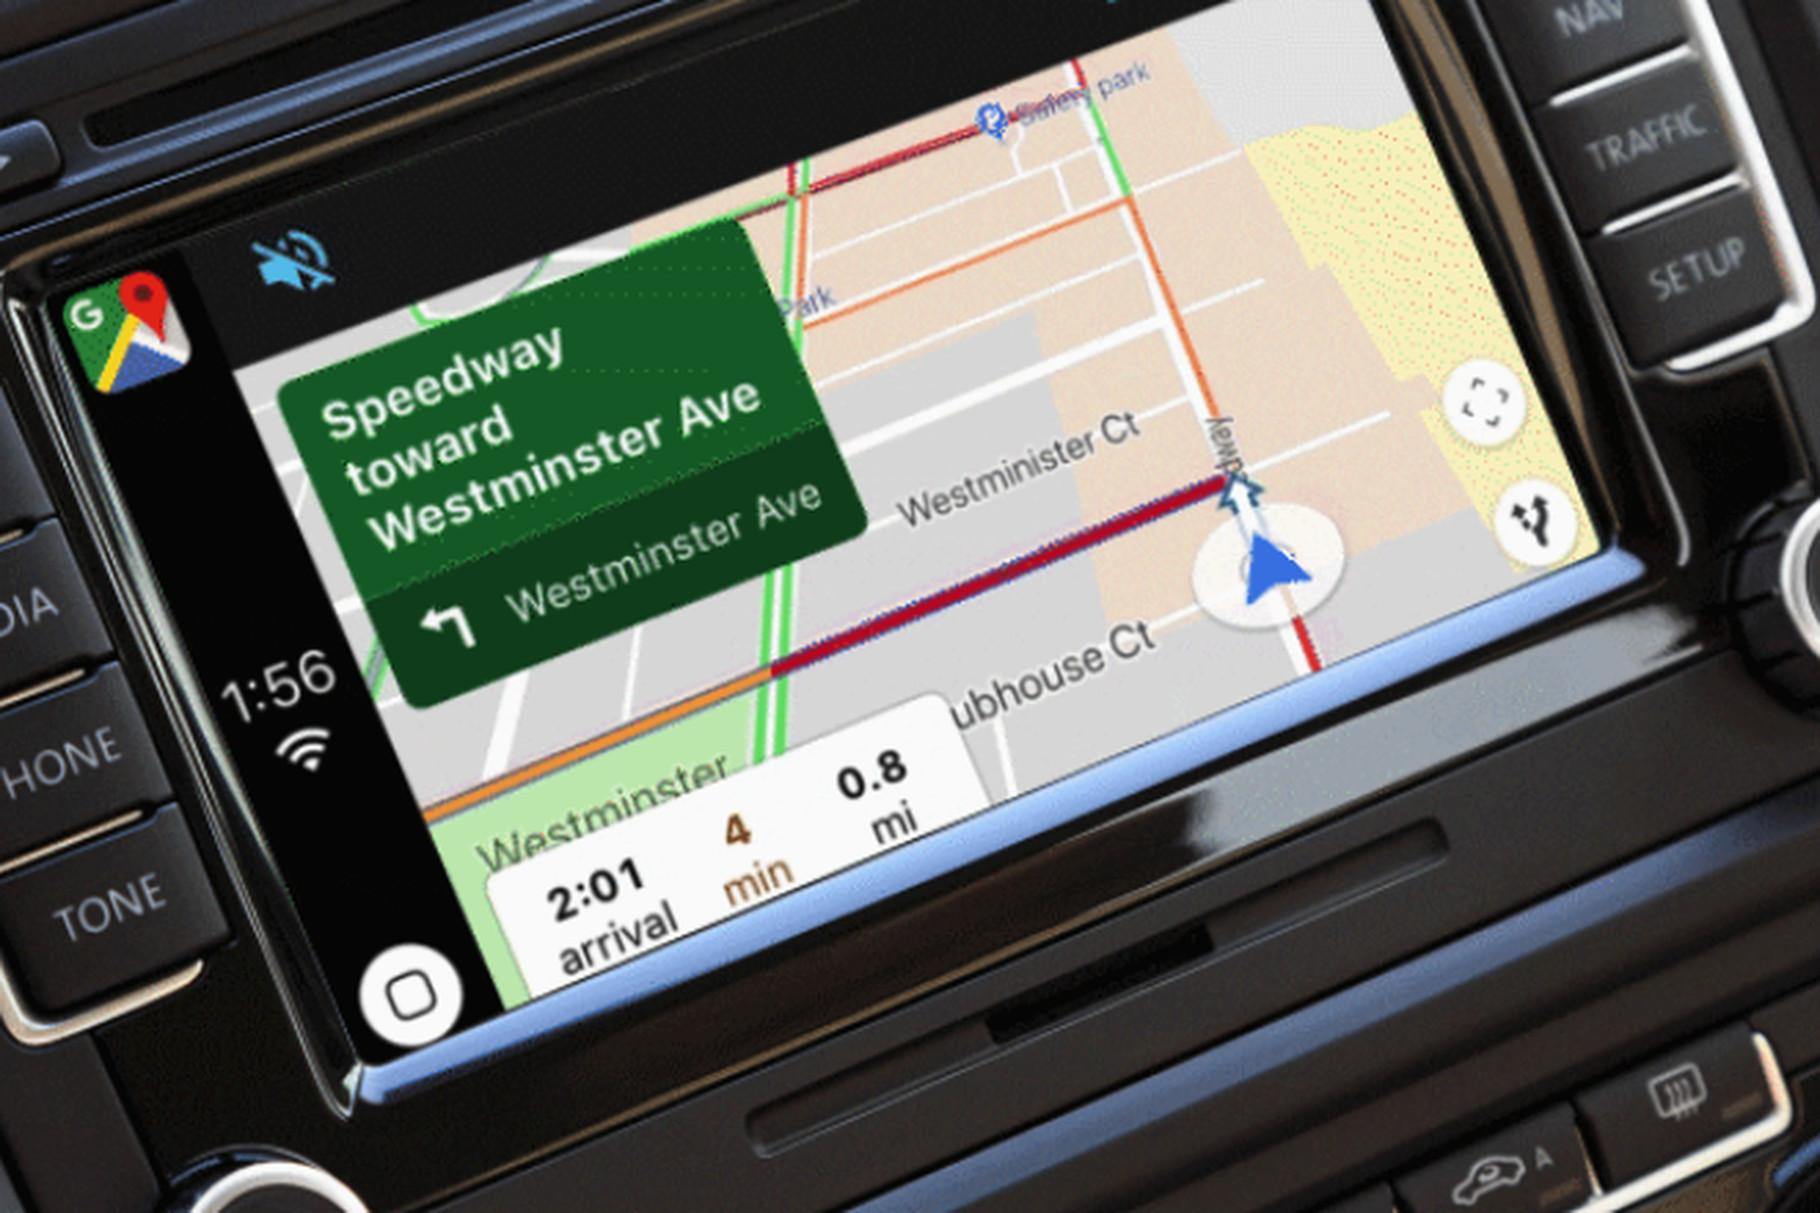 Google Mapy nyní můžete používat v rámci CarPlay